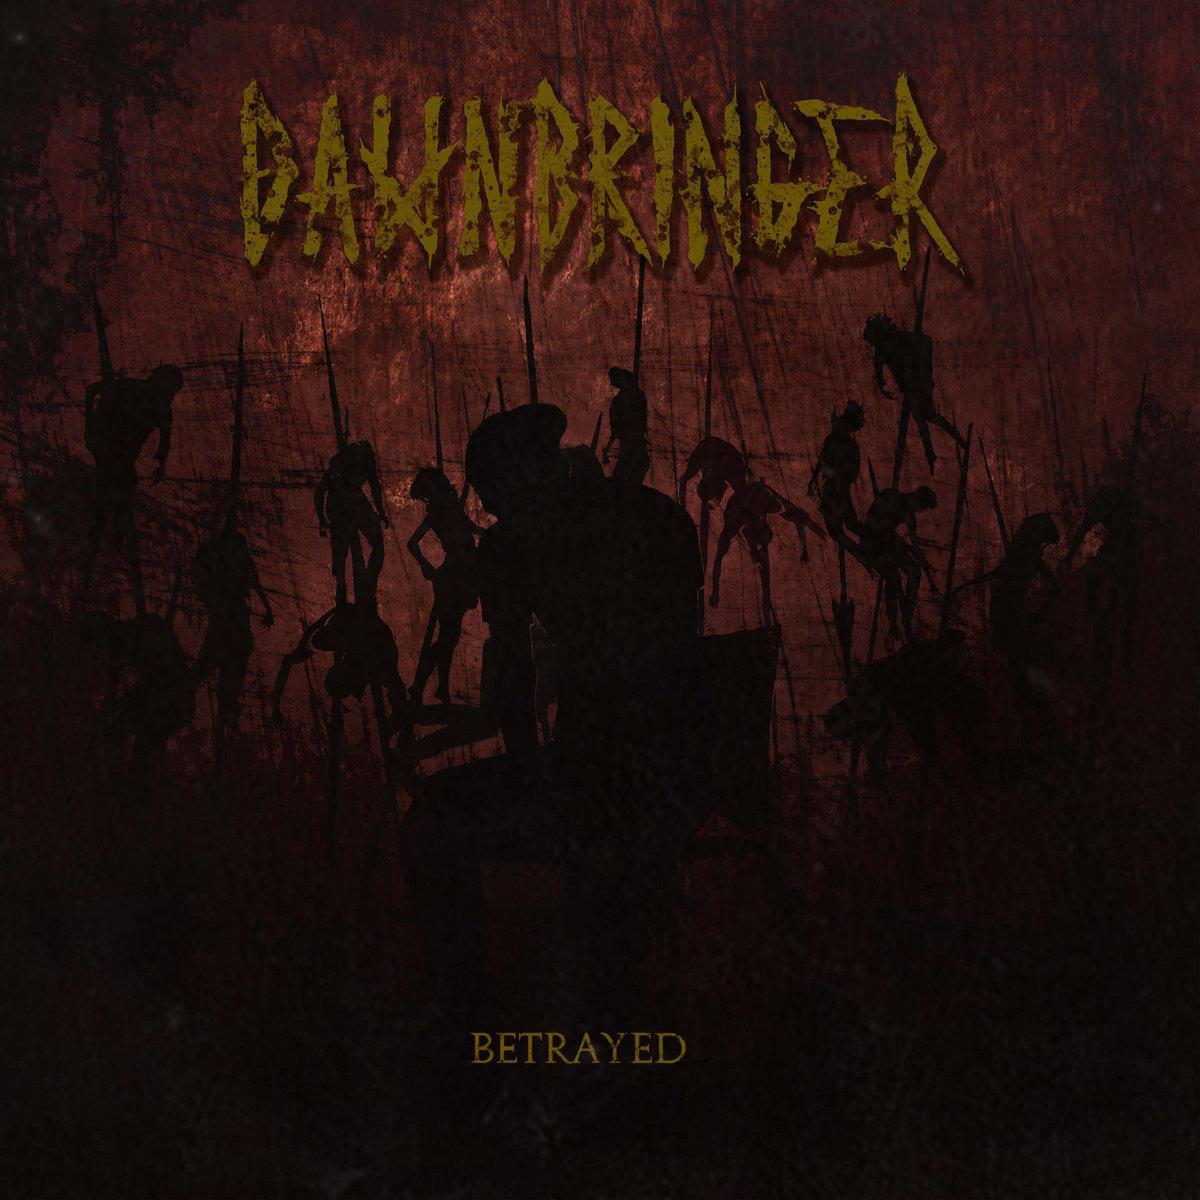 Dawnbringer - Betrayed - Overcore Studio - Cagliari - deathcore - ascolti - album - ep - 2021 - Sa Scena - 5 febbraio 2021